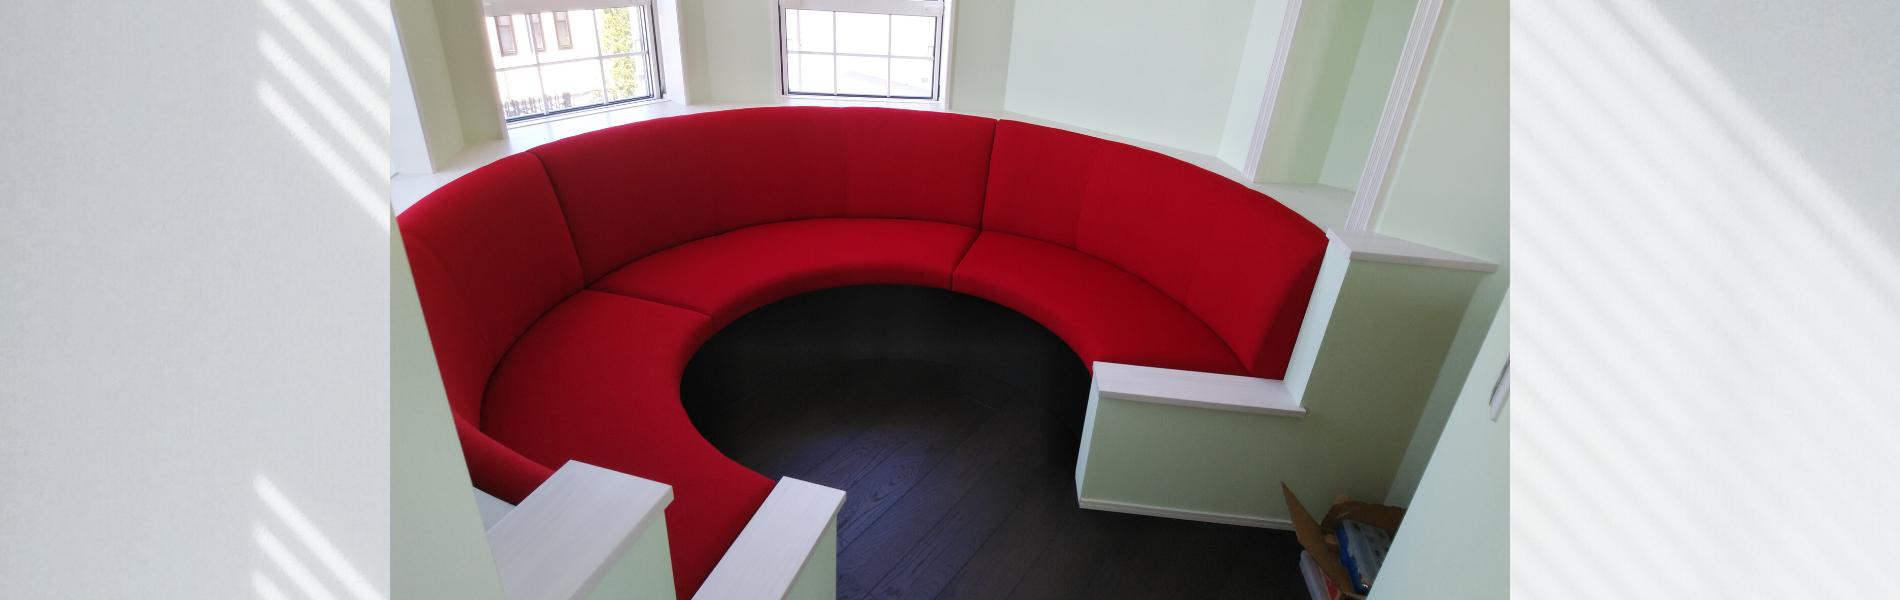 ソファ 円形 赤